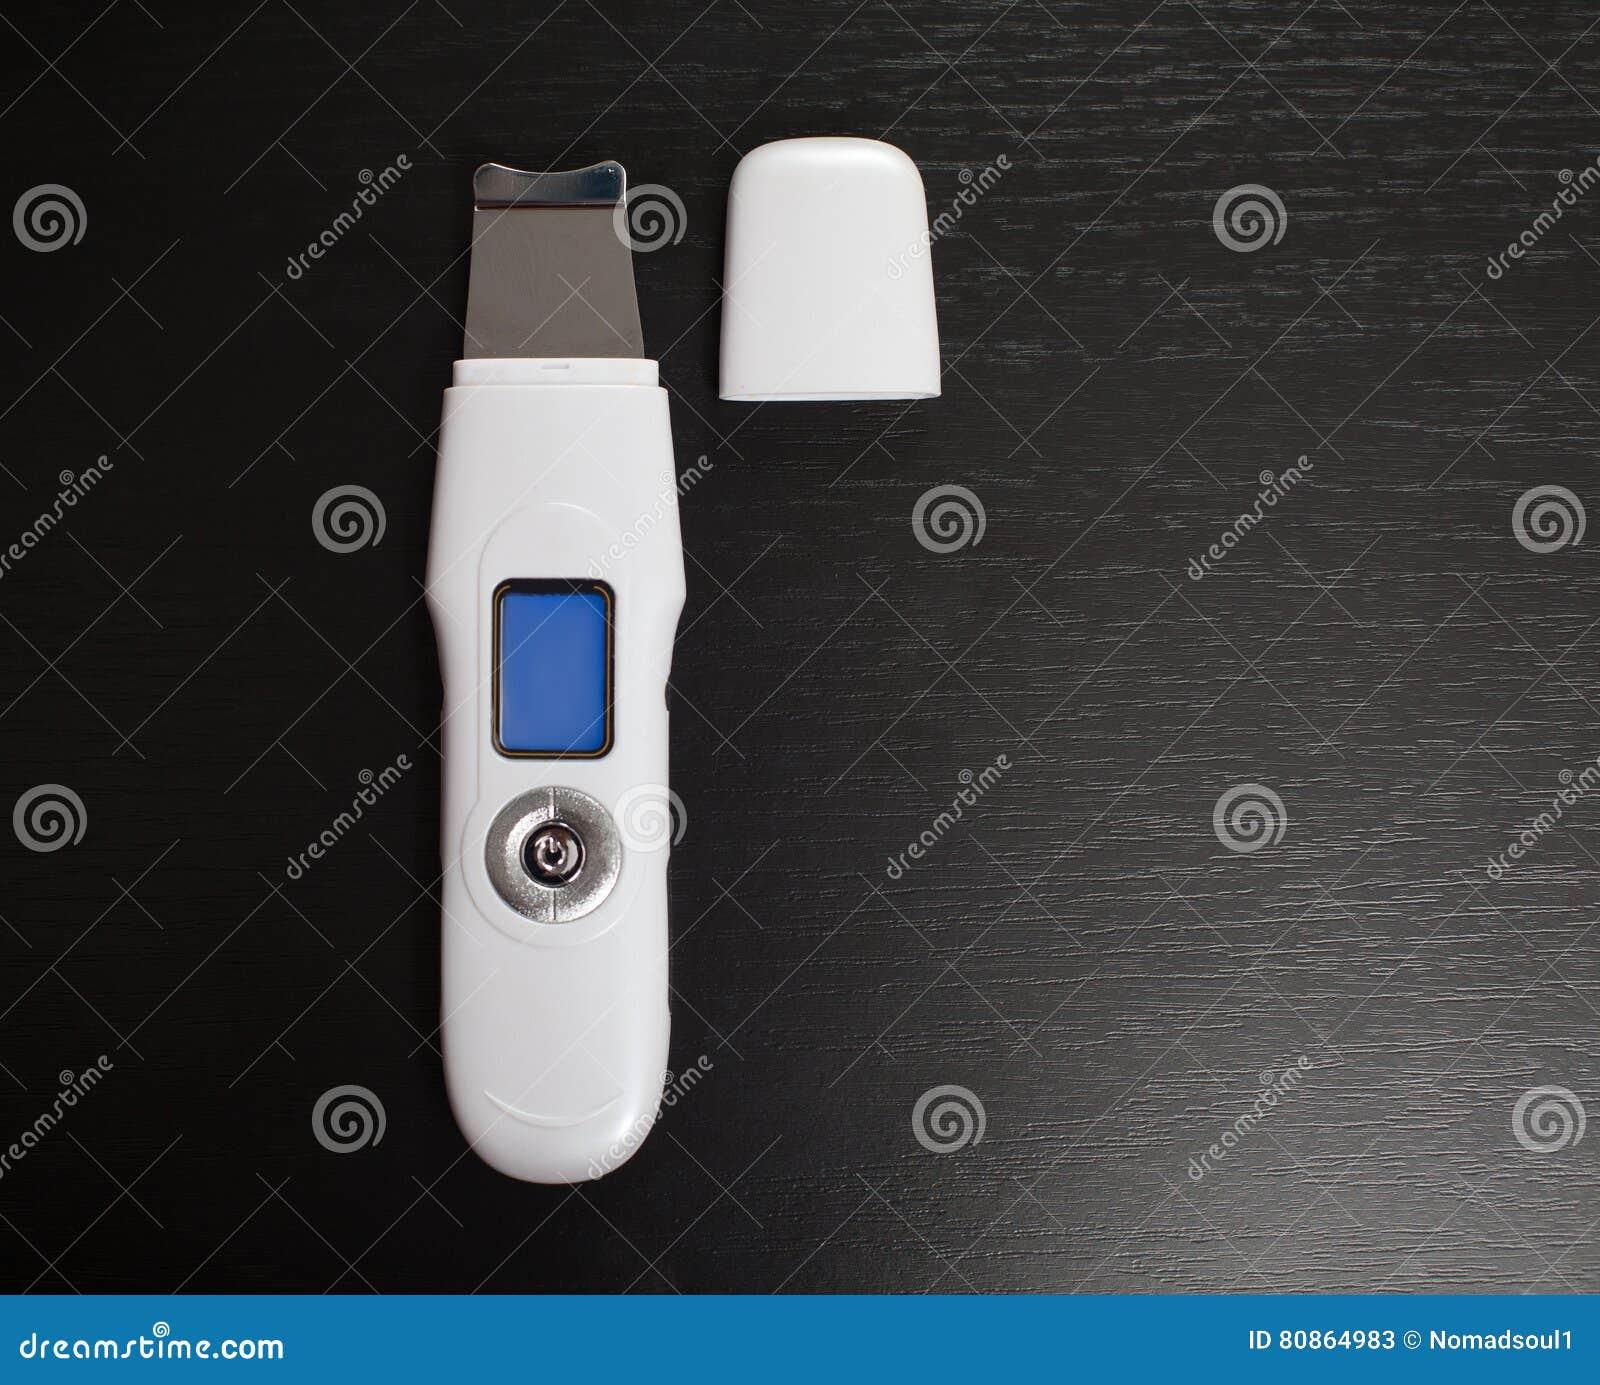 Ultraschall-scraber gegen den schwarzen Hintergrund